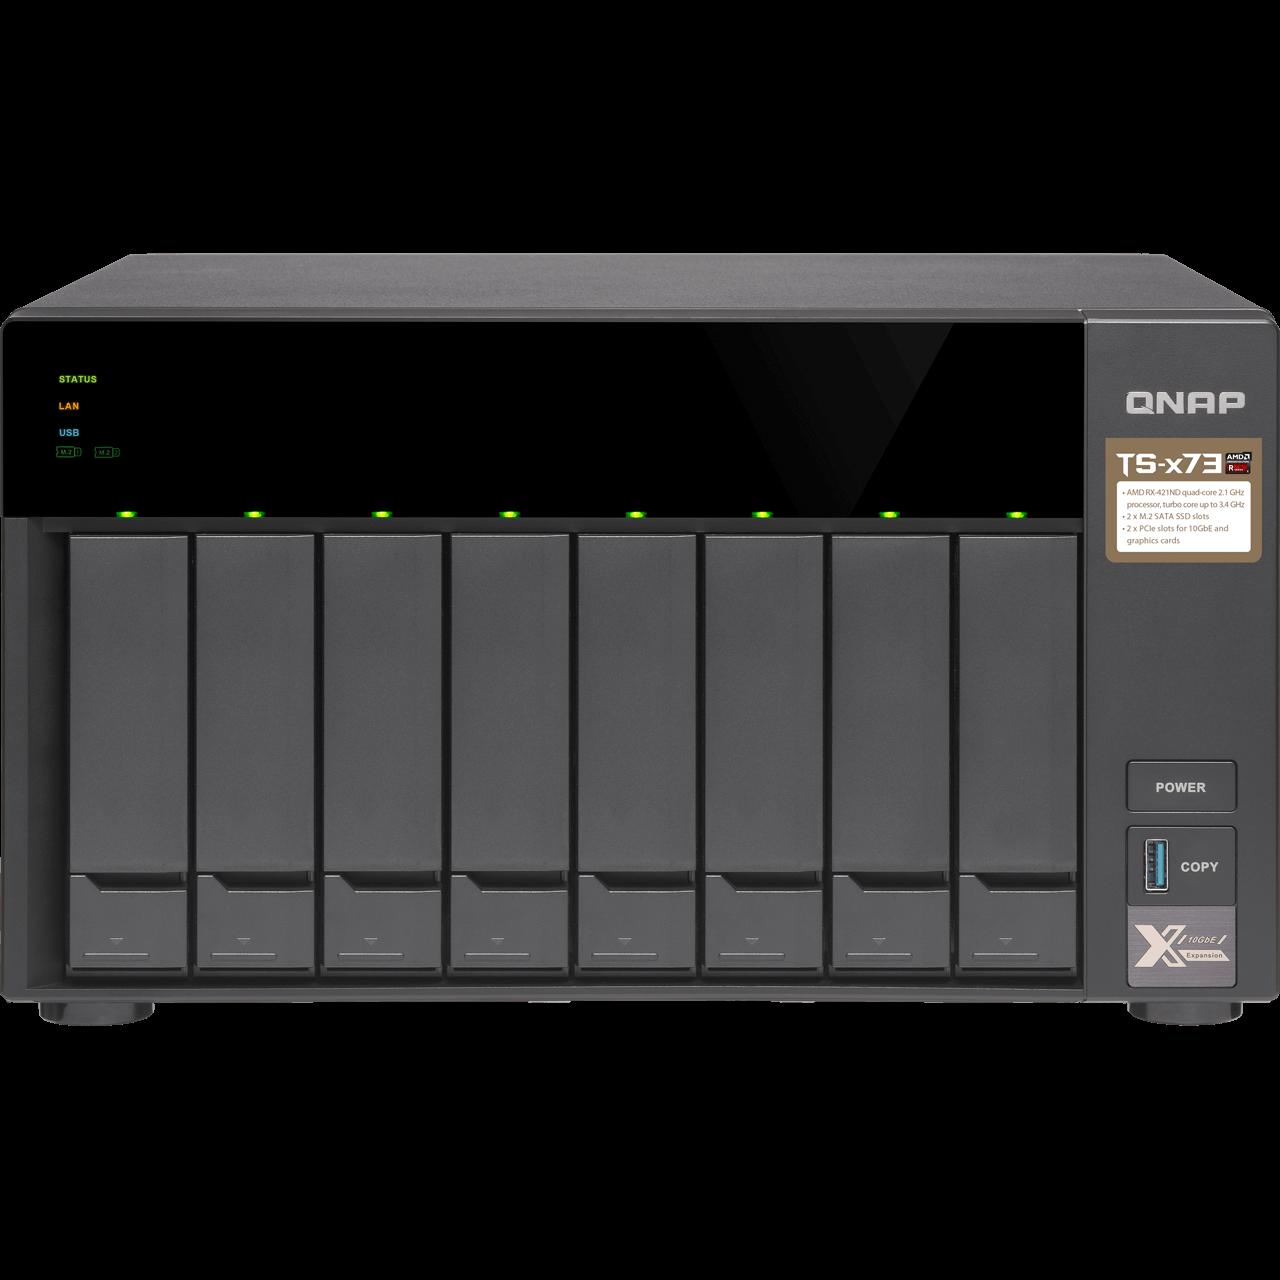 TS-873-8G